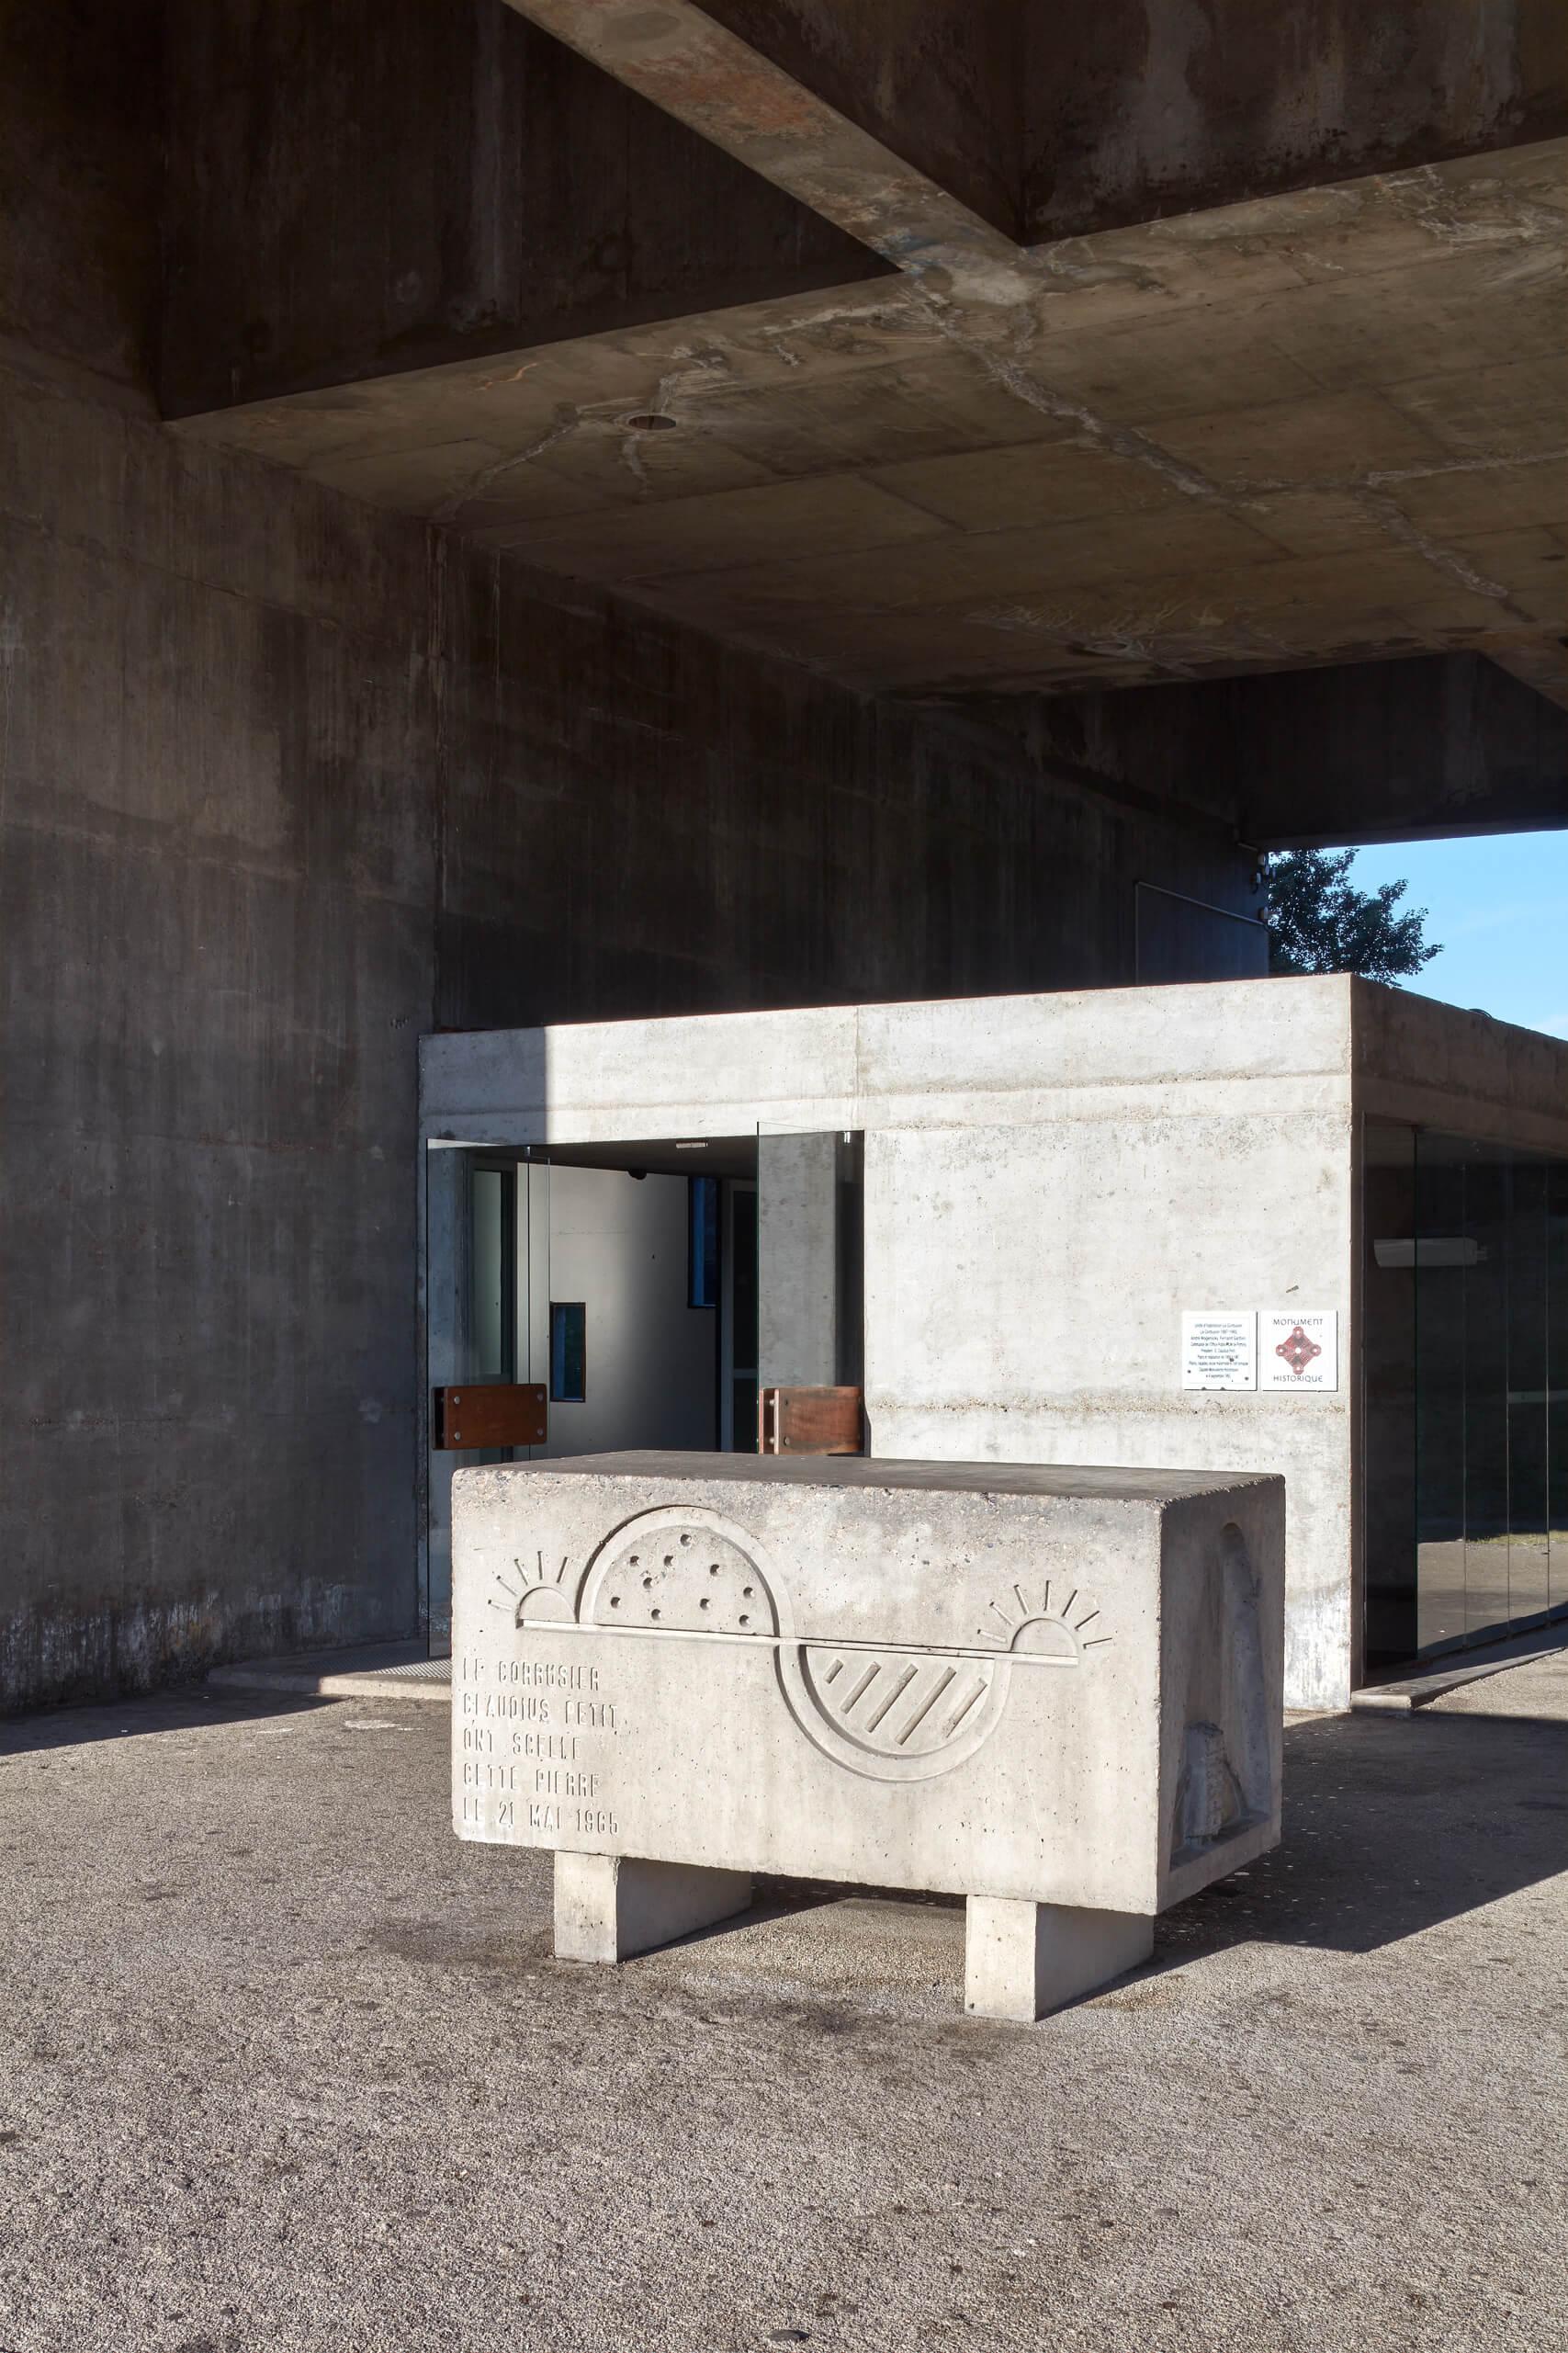 Federico_Covre_Unité_Firminy_Le_Corbusier_2018_22